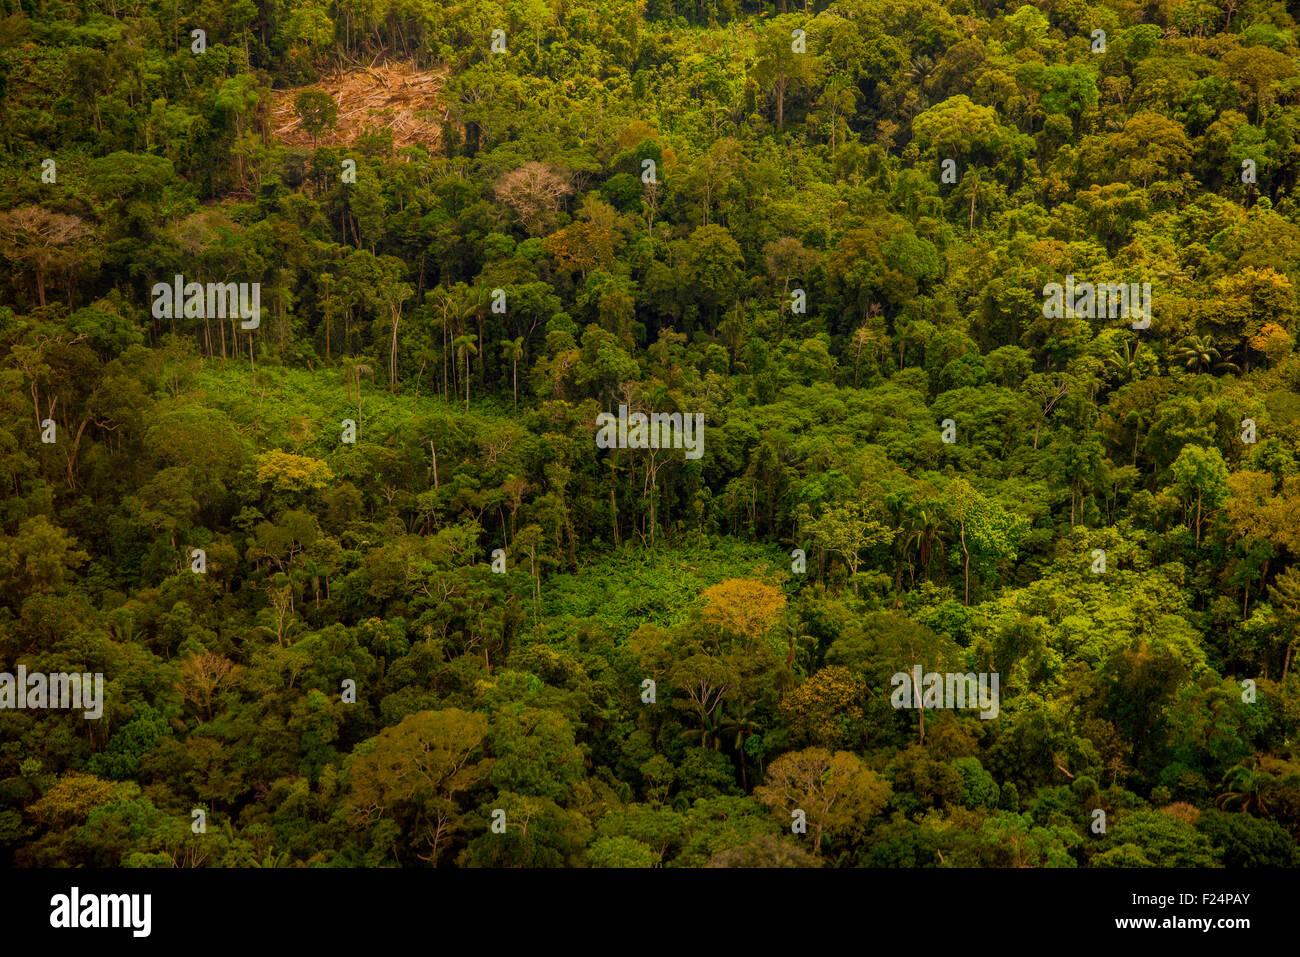 Regenwald Antenne, sekundäre Wald- und Landnutzung für kleinbäuerliche Landwirtschaft in das traditionelle Stockbild